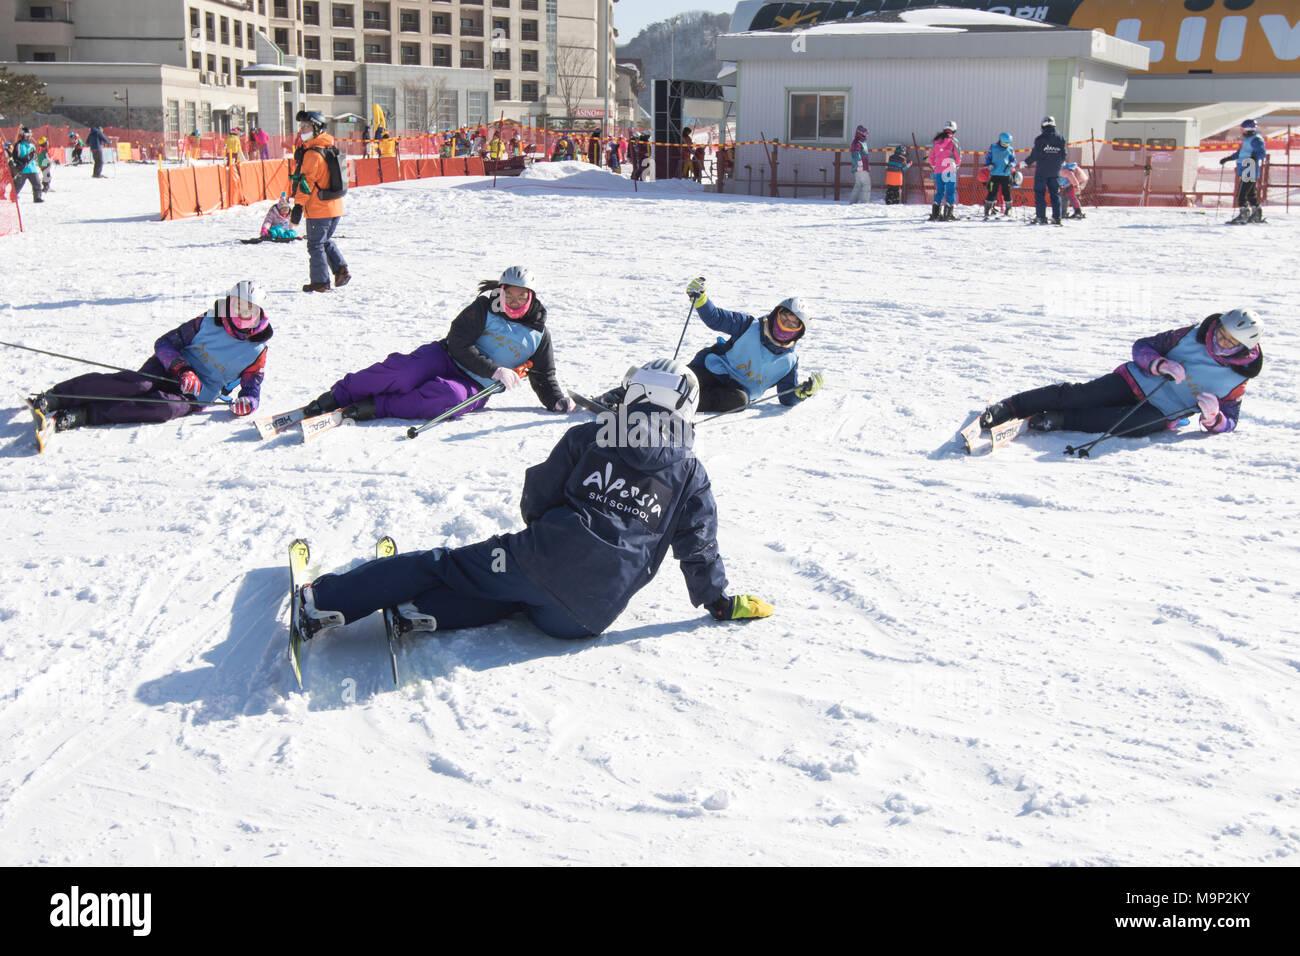 Quattro donne viene insegnato come alzarsi dopo la caduta durante la pratica dello sci in Alpensia resort nella regione del Gangwon-do di Corea del Sud. Il Alpensia Resort è una località sciistica e una attrazione turistica. Esso si trova sul territorio del comune di Daegwallyeong-myeon, nella contea di Pyeongchang, ospitando le Olimpiadi Invernali nel febbraio 2018. La stazione sciistica è di circa 2 ore e mezzo da Seoul o dall'Aeroporto di Incheon in auto, prevalentemente tutti autostrada. Alpensia dispone di 6 piste per lo sci e lo snowboard, con corse fino a 1,4 km (0,87 mi) lungo, per principianti e progrediti, e un'area Immagini Stock